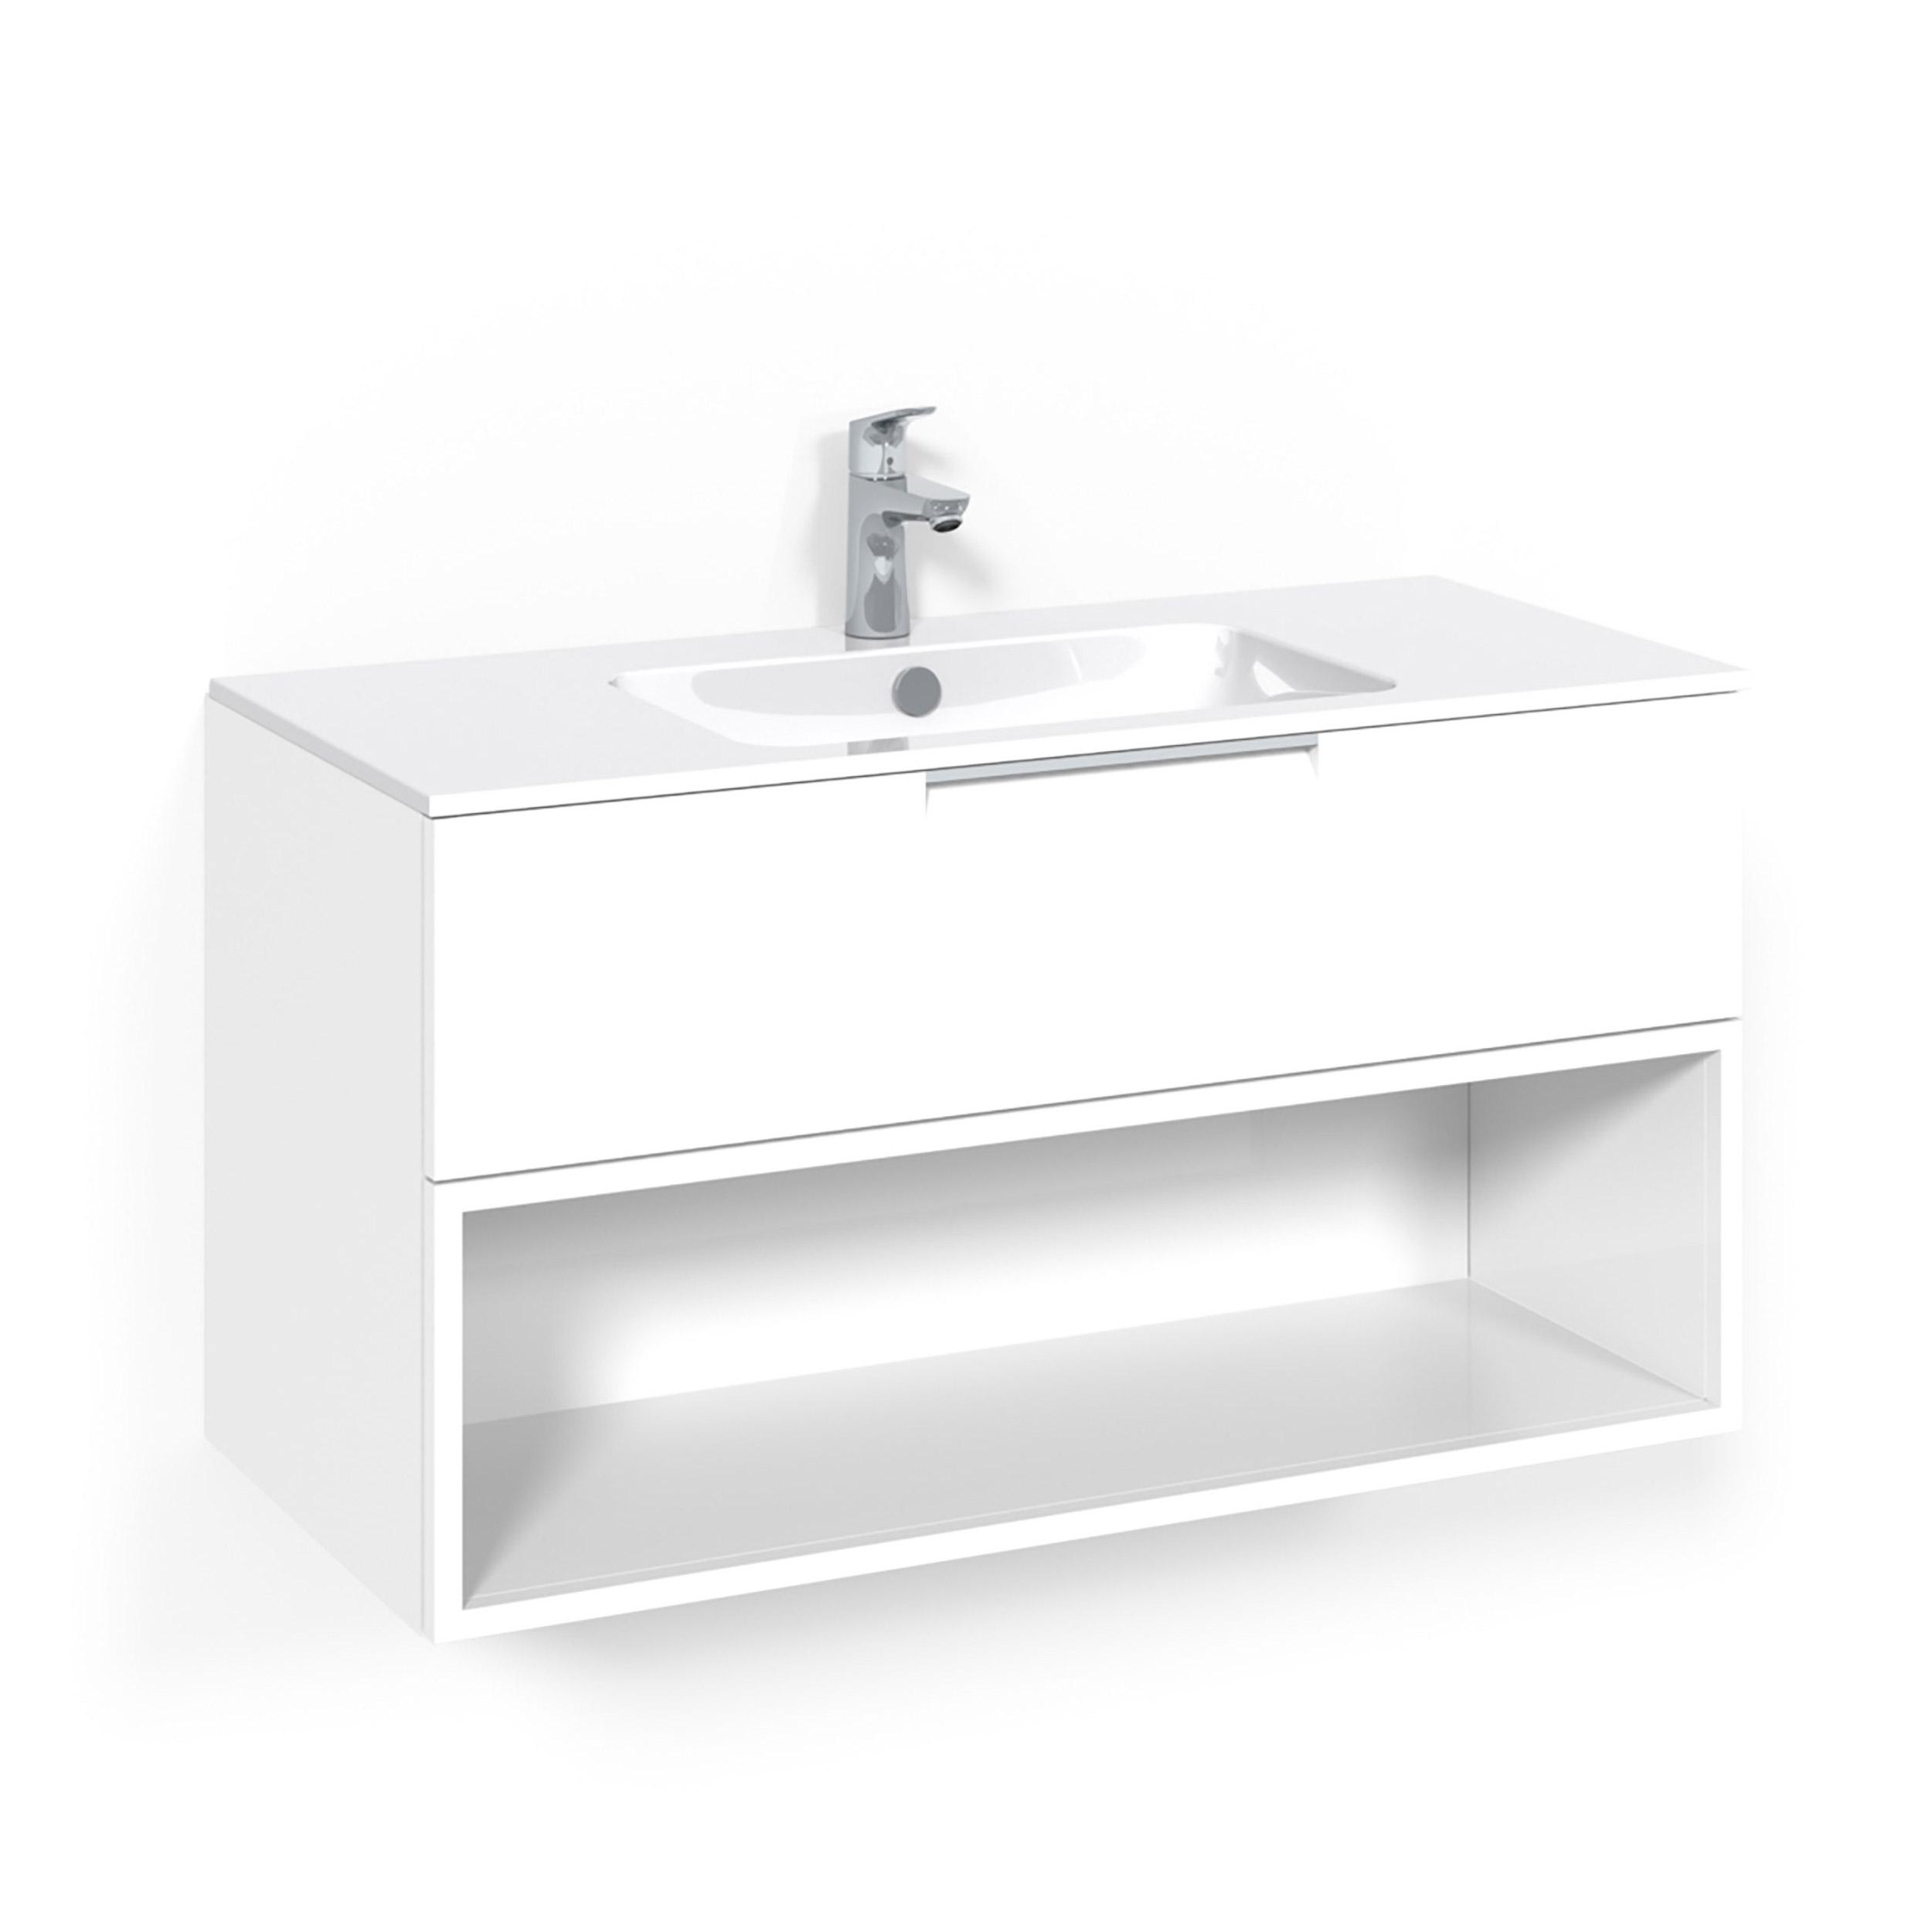 Tvättställsskåp Macro Design Crown Open Box